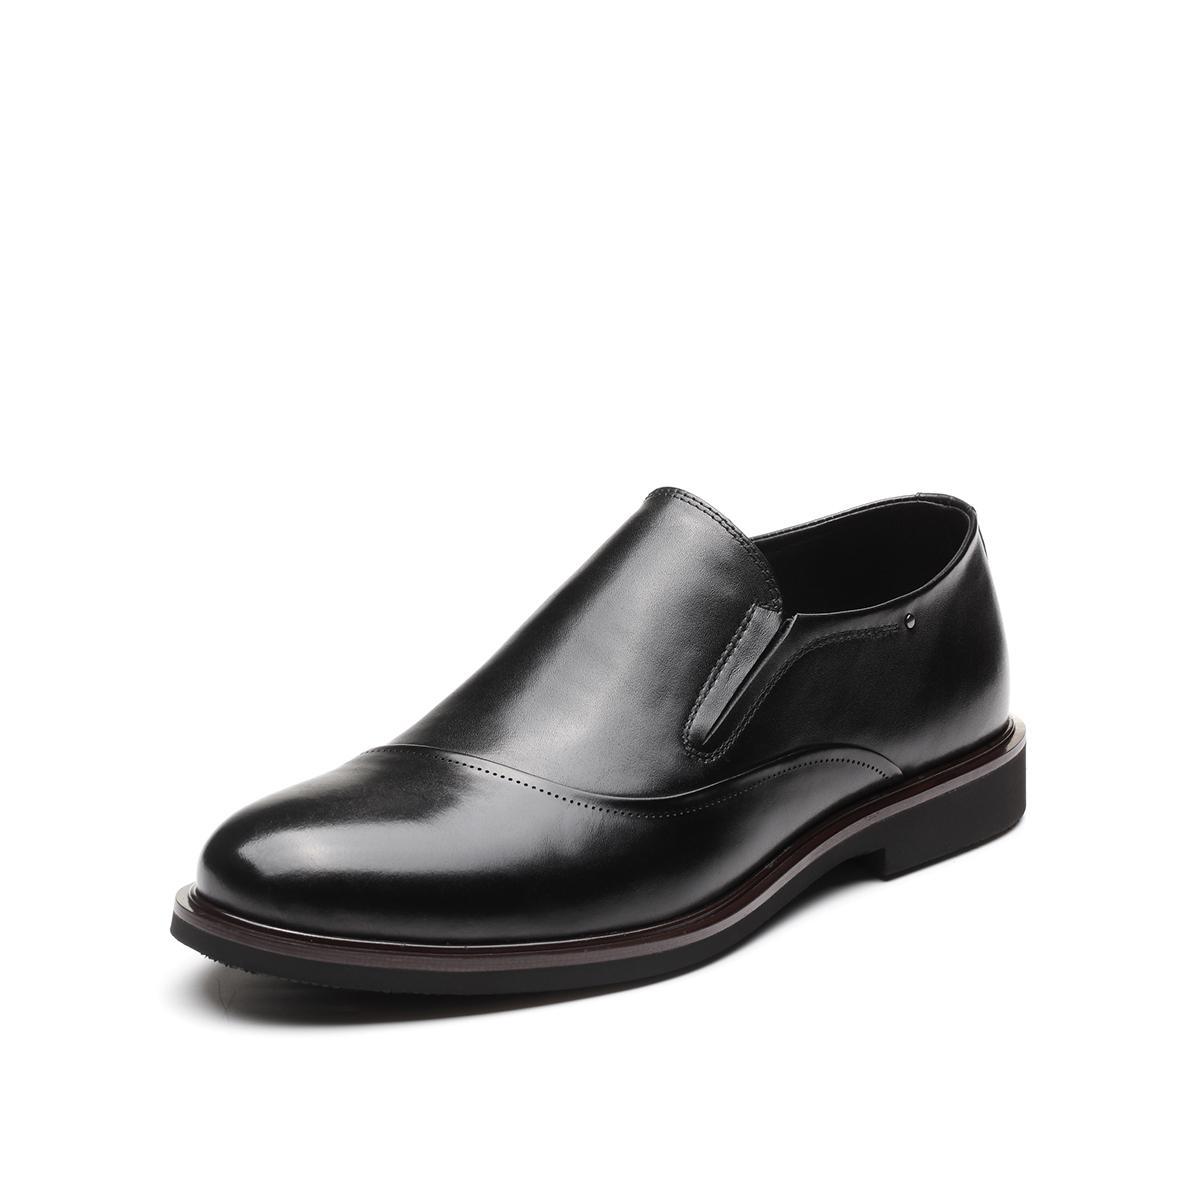 森达森达男鞋2019新款专柜同款简约舒适一脚蹬男士皮鞋VGK1DU22DU1AM9